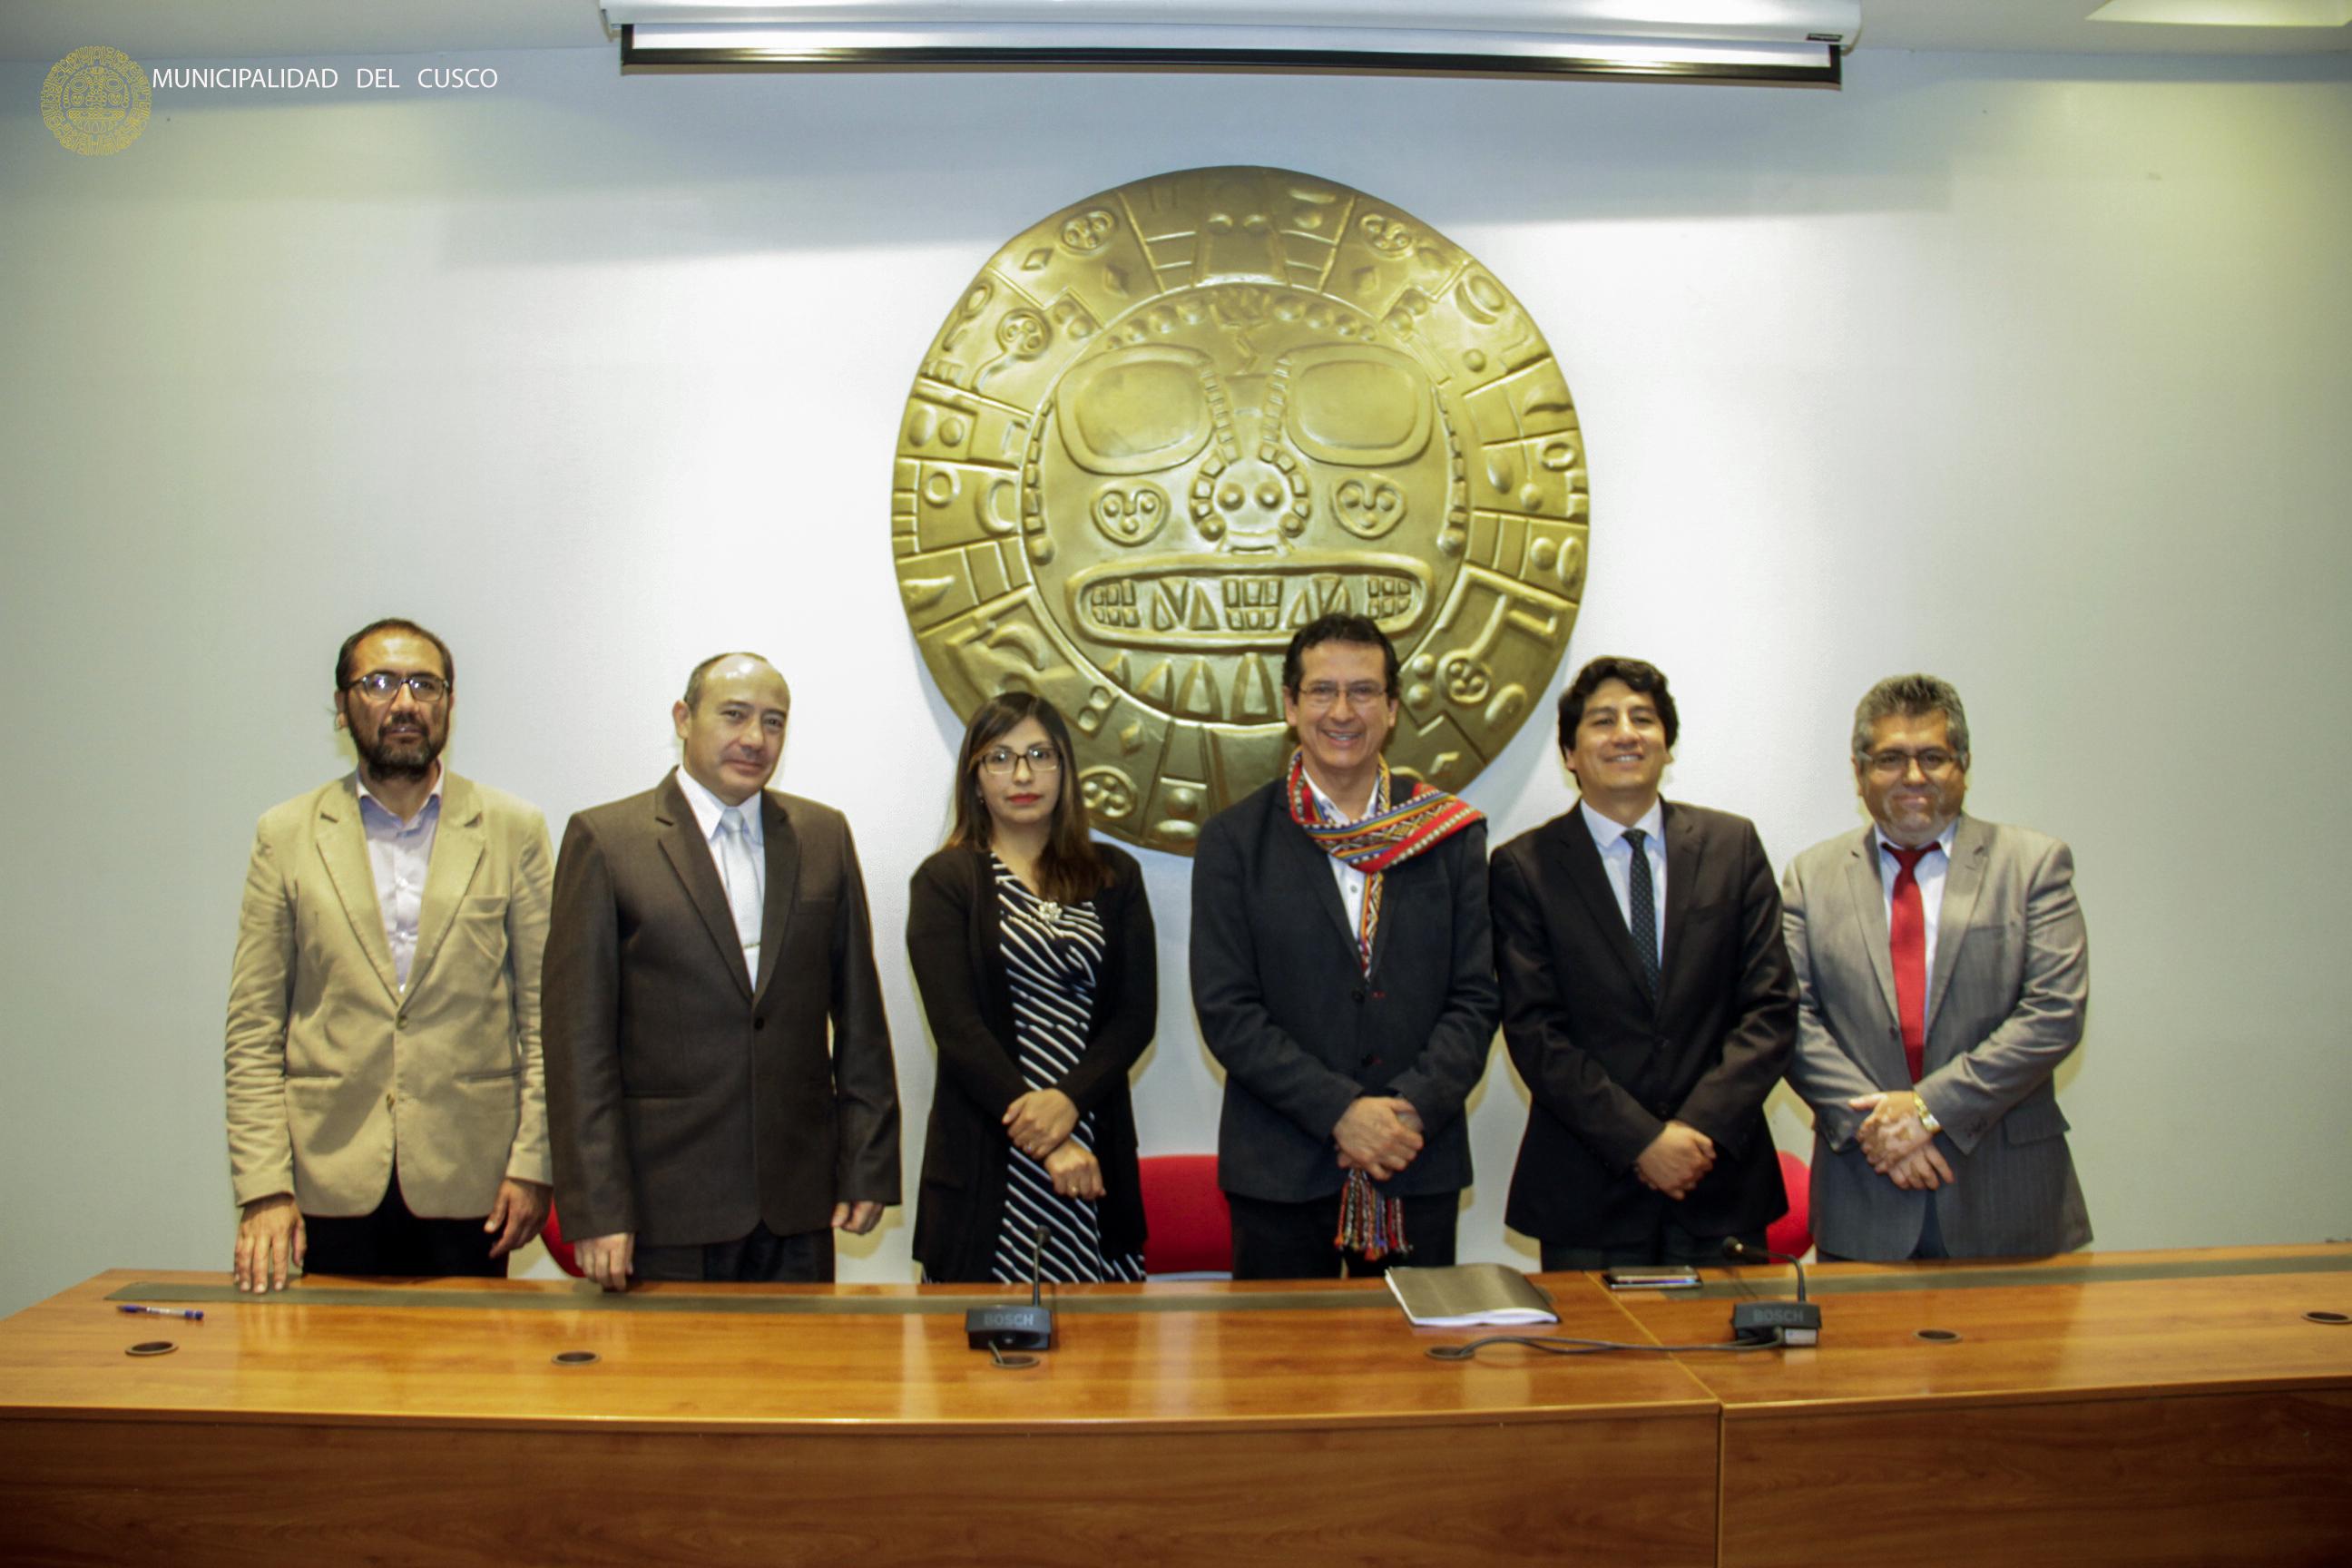 SE INICIA EL PROCESO DE TRANSFERENCIA EN LA MUNICIPALIDAD DEL CUSCO